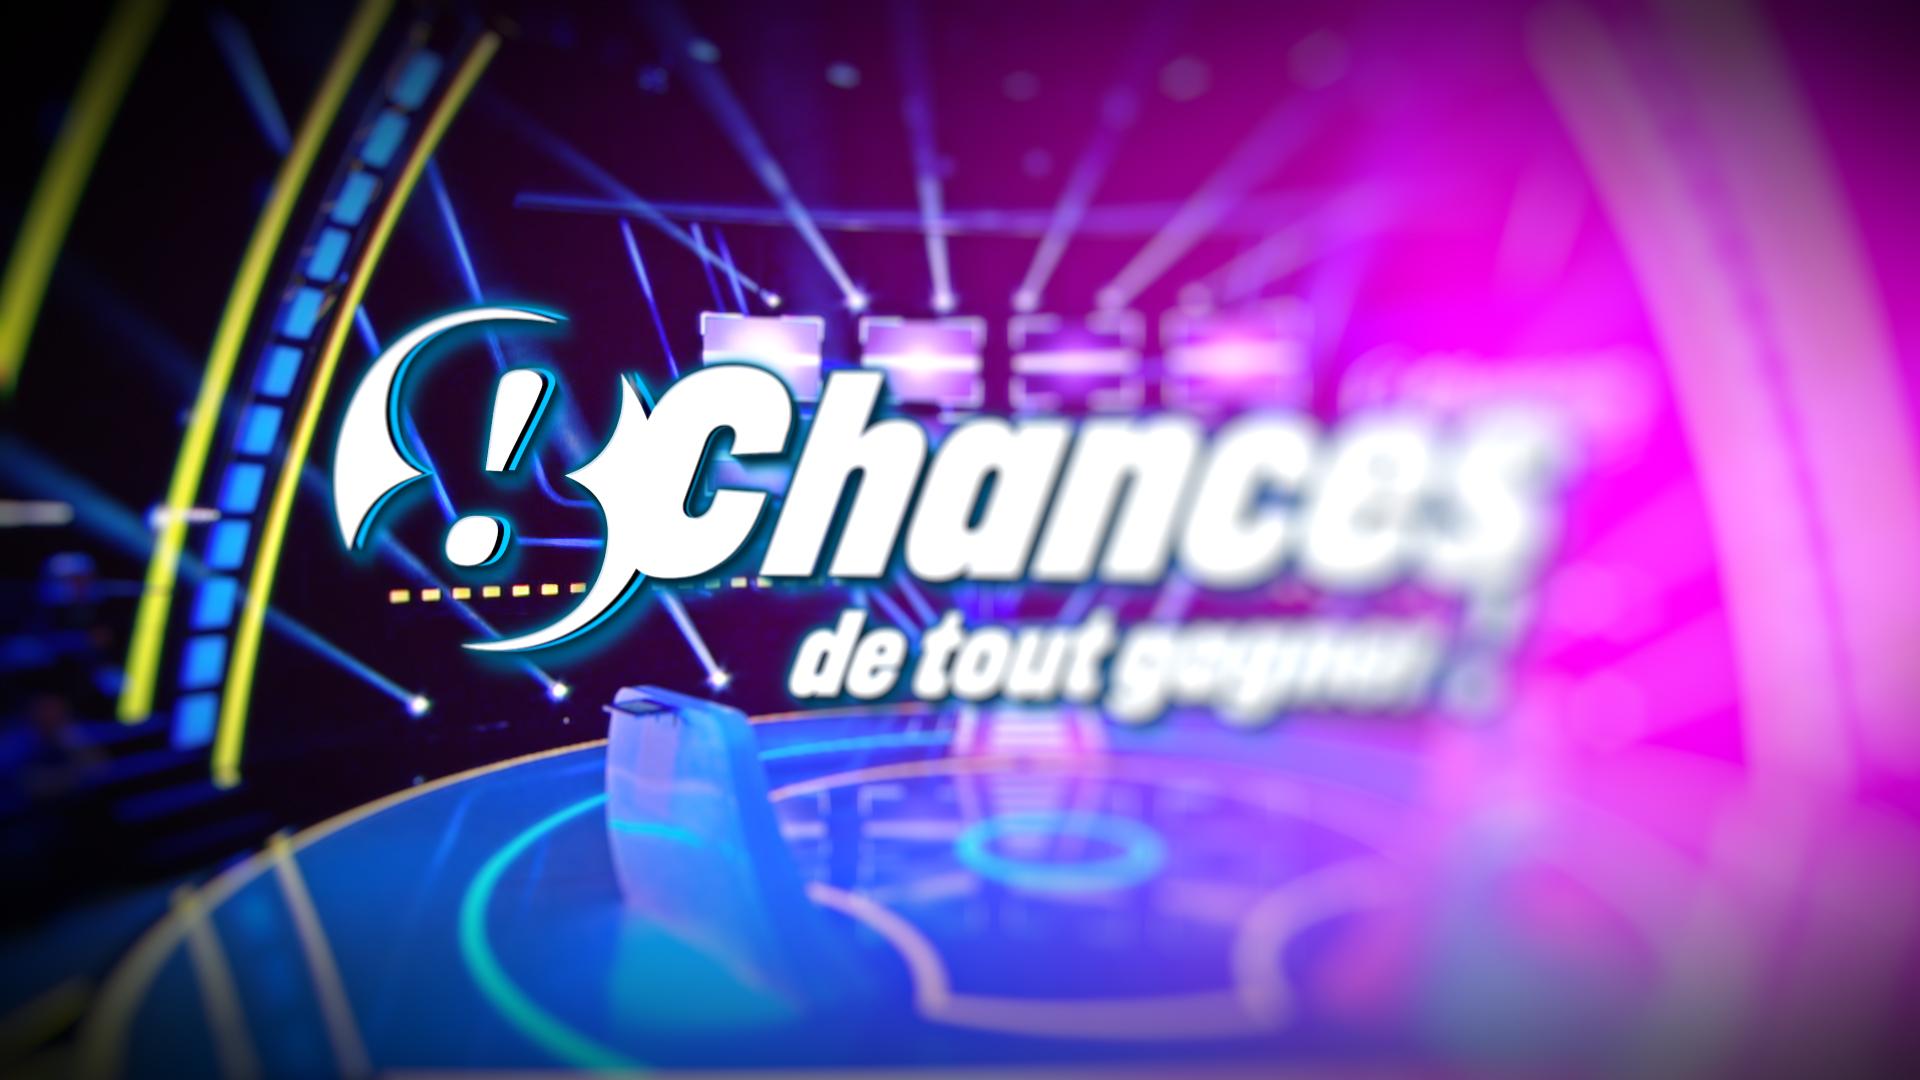 8 CHANCES DE TOUT GAGNER